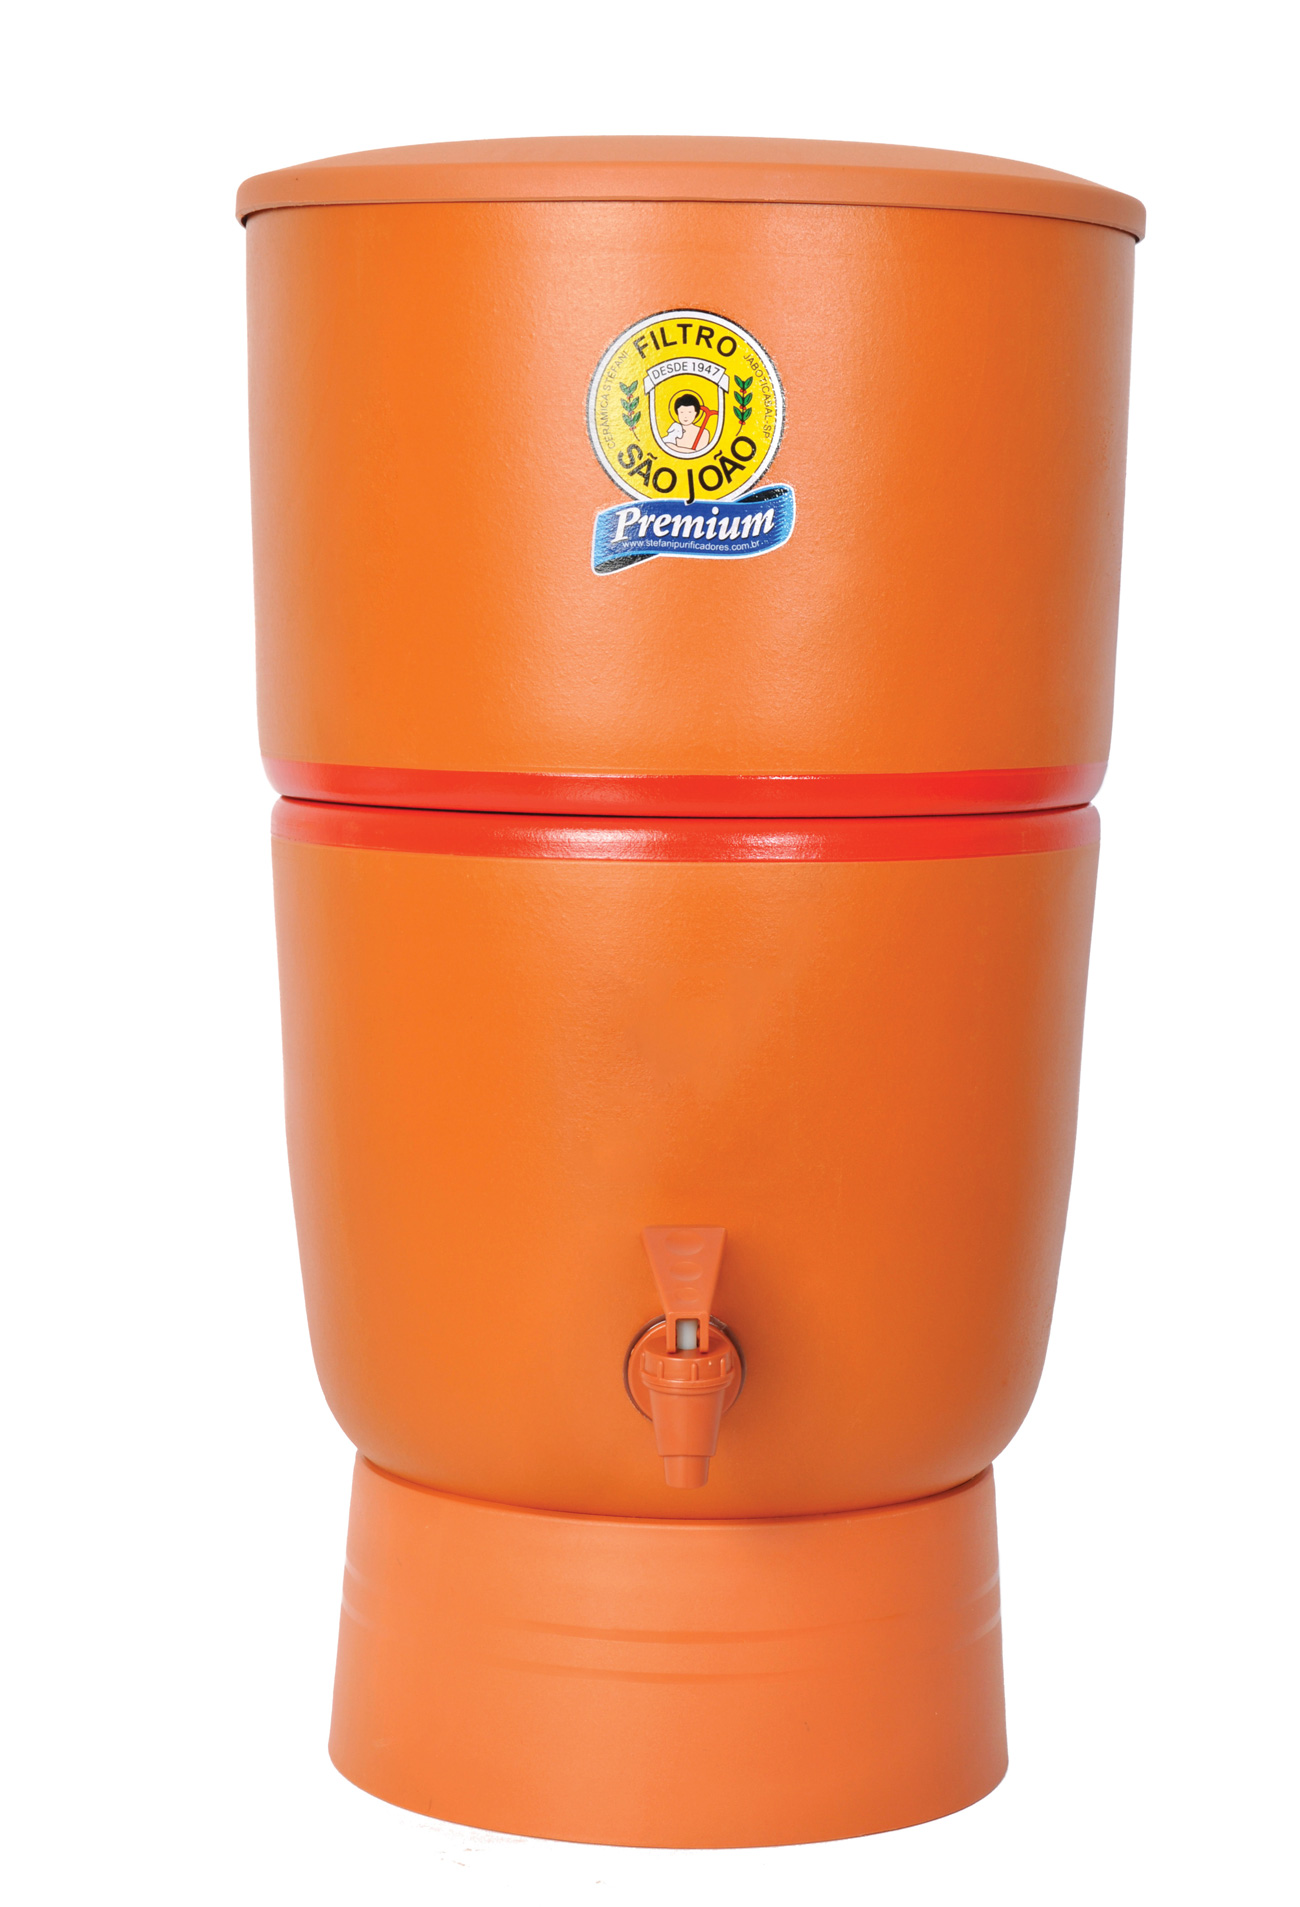 Filtro de Barro Filtro Stefani Filtro São João Premium 6 Litros com 02 Velas Tripla Ação e 02 Boias Dosadoras  - CN Distribuidora